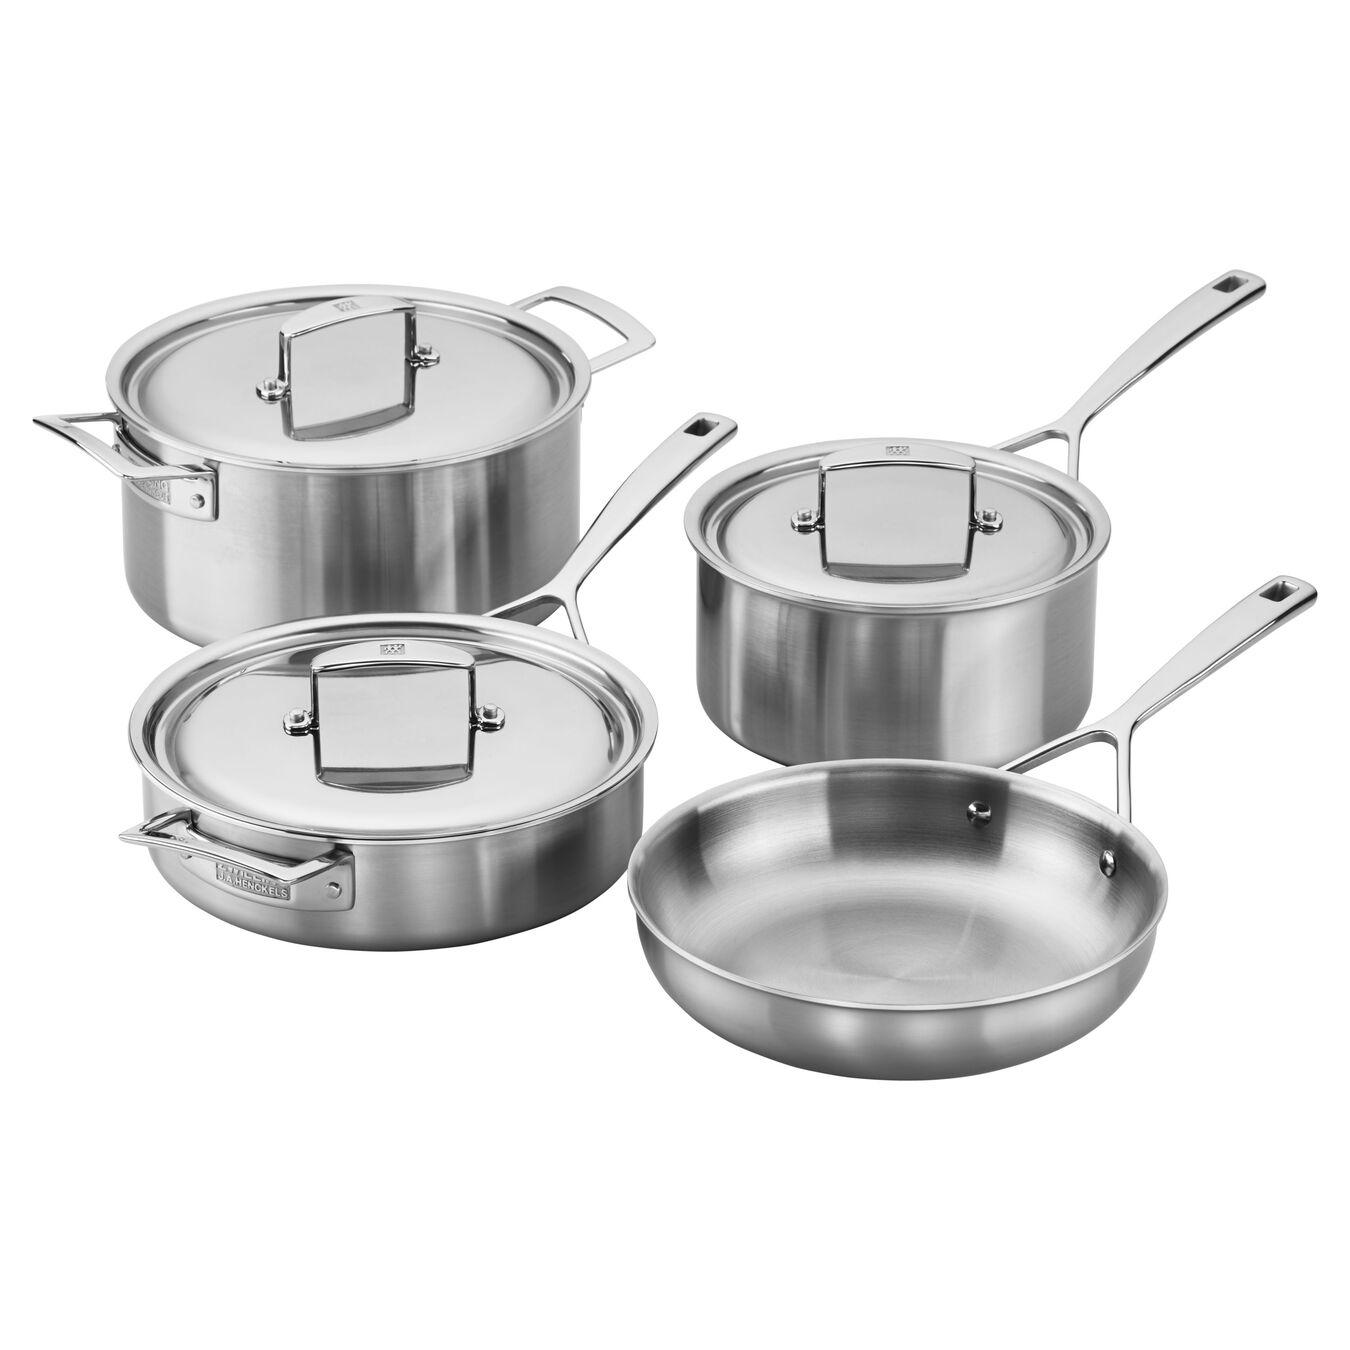 7-pcs 18/10 Stainless Steel Ensemble de casseroles et poêles,,large 1